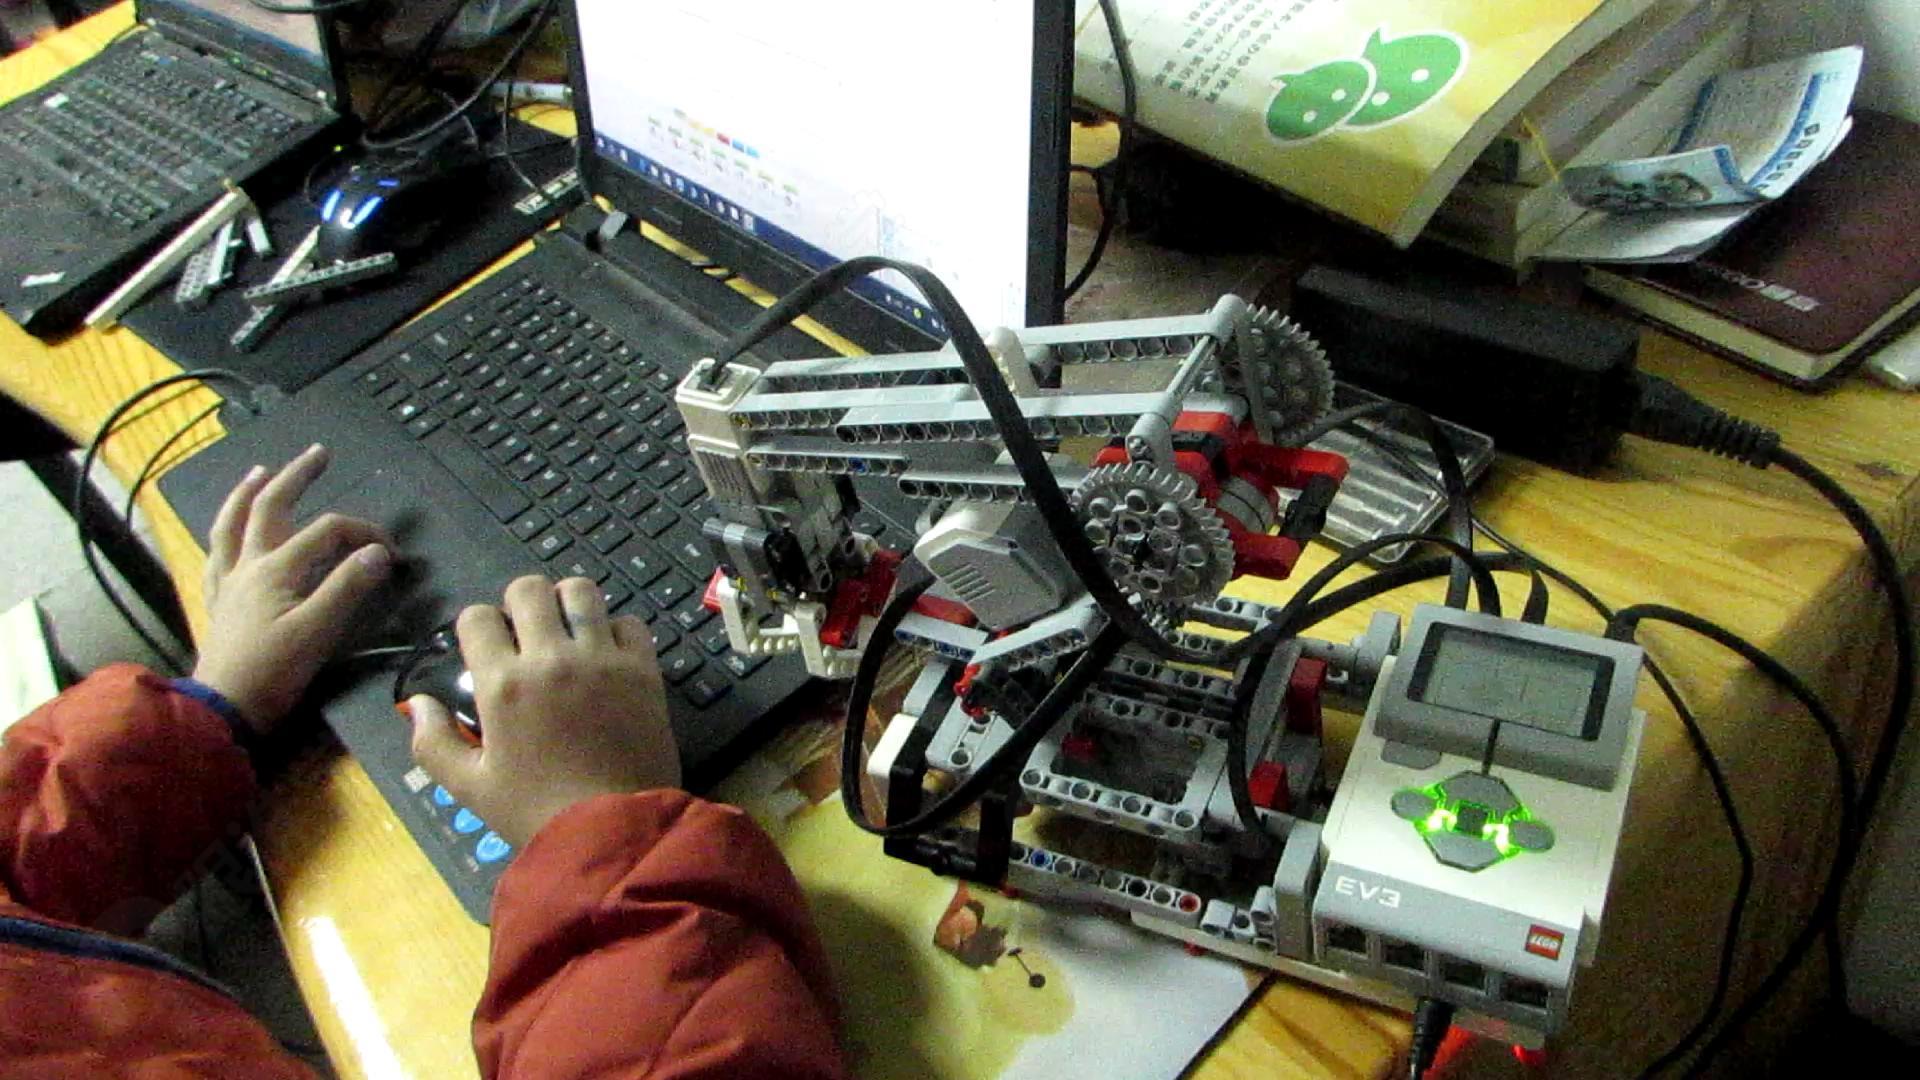 乐高机器人机械臂搭建编程调试运行